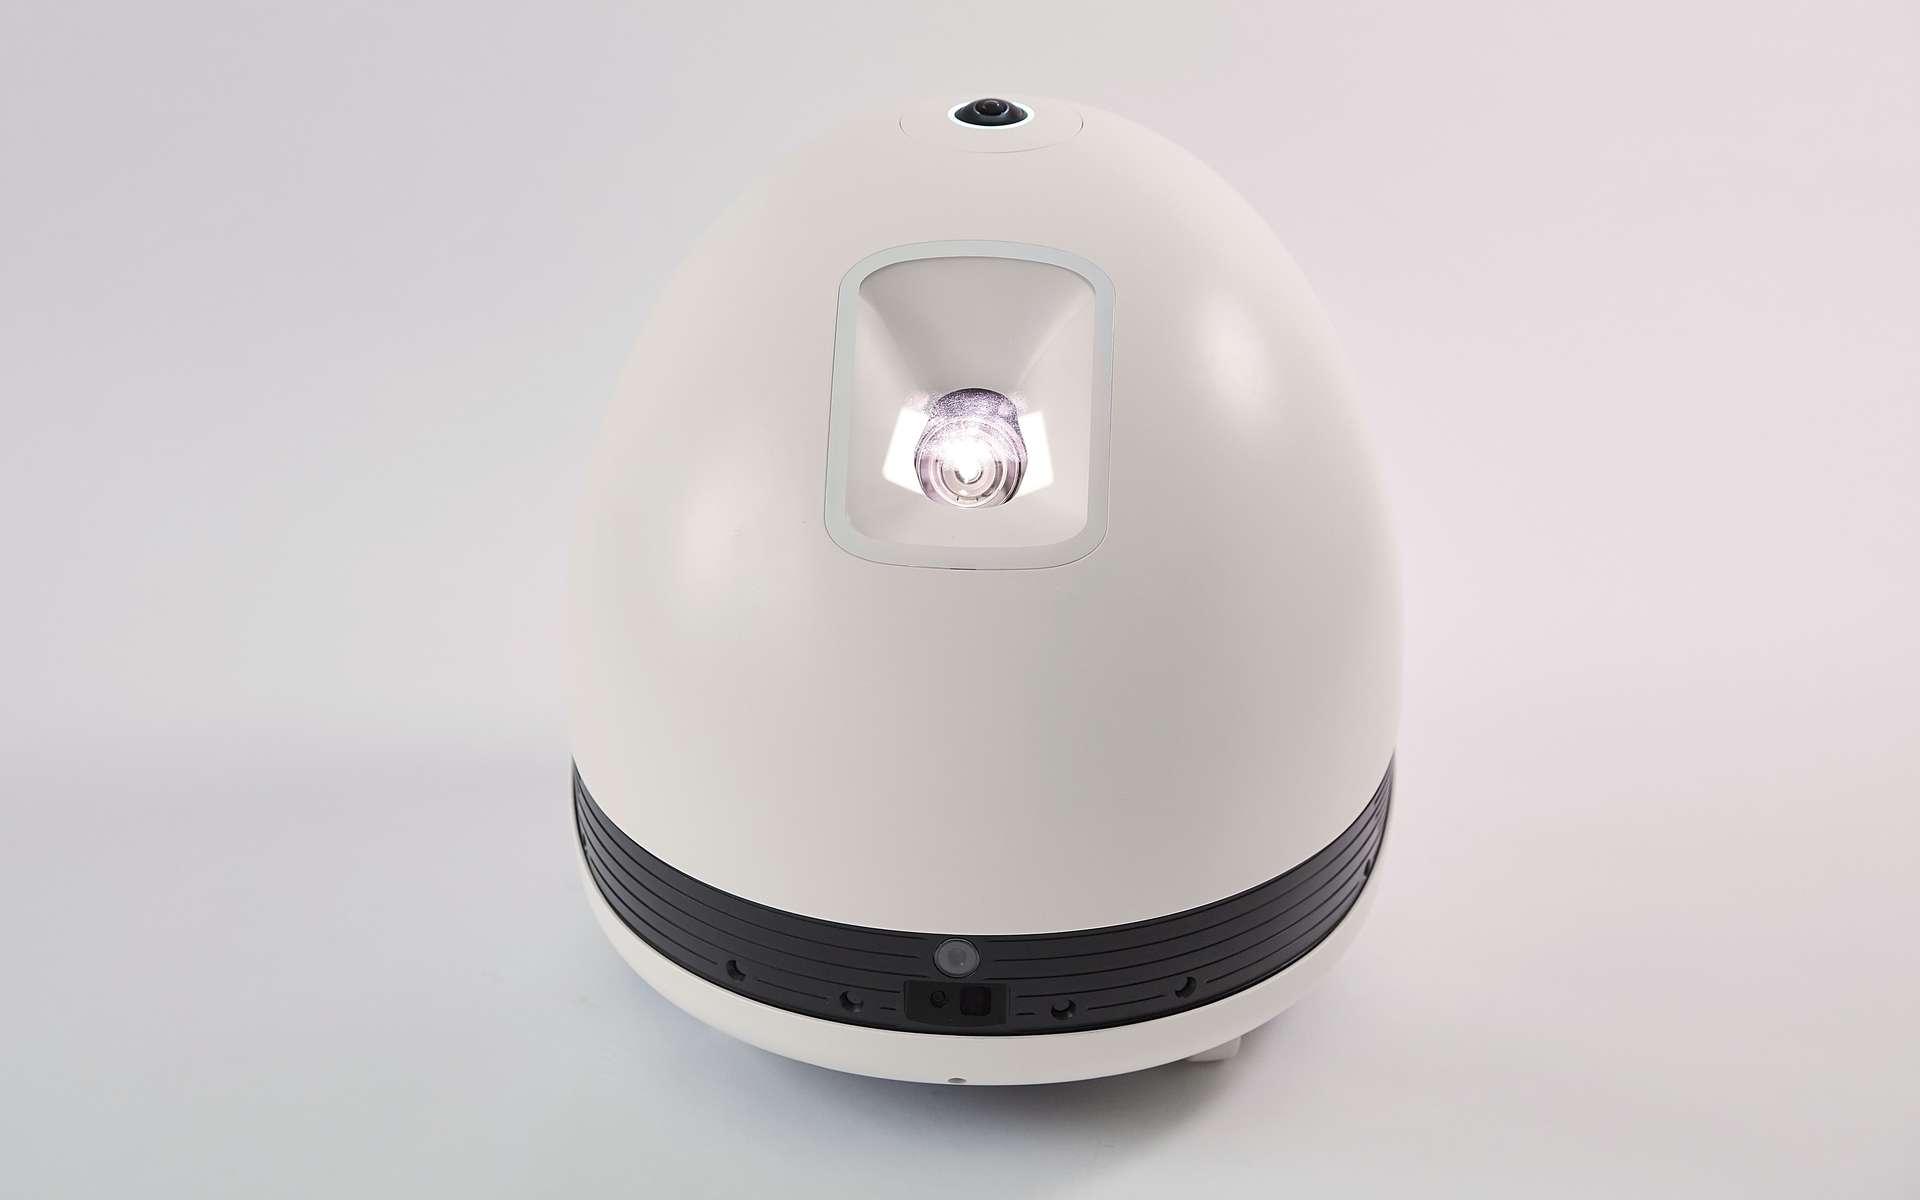 Le robot Keecker est autonome et fonctionne comme une tablette Android à roulettes, avec un vidéoprojecteur en guise d'écran, une restitution sonore haut de gamme, une caméra à 360° et la reconnaissance vocale. © Keecker